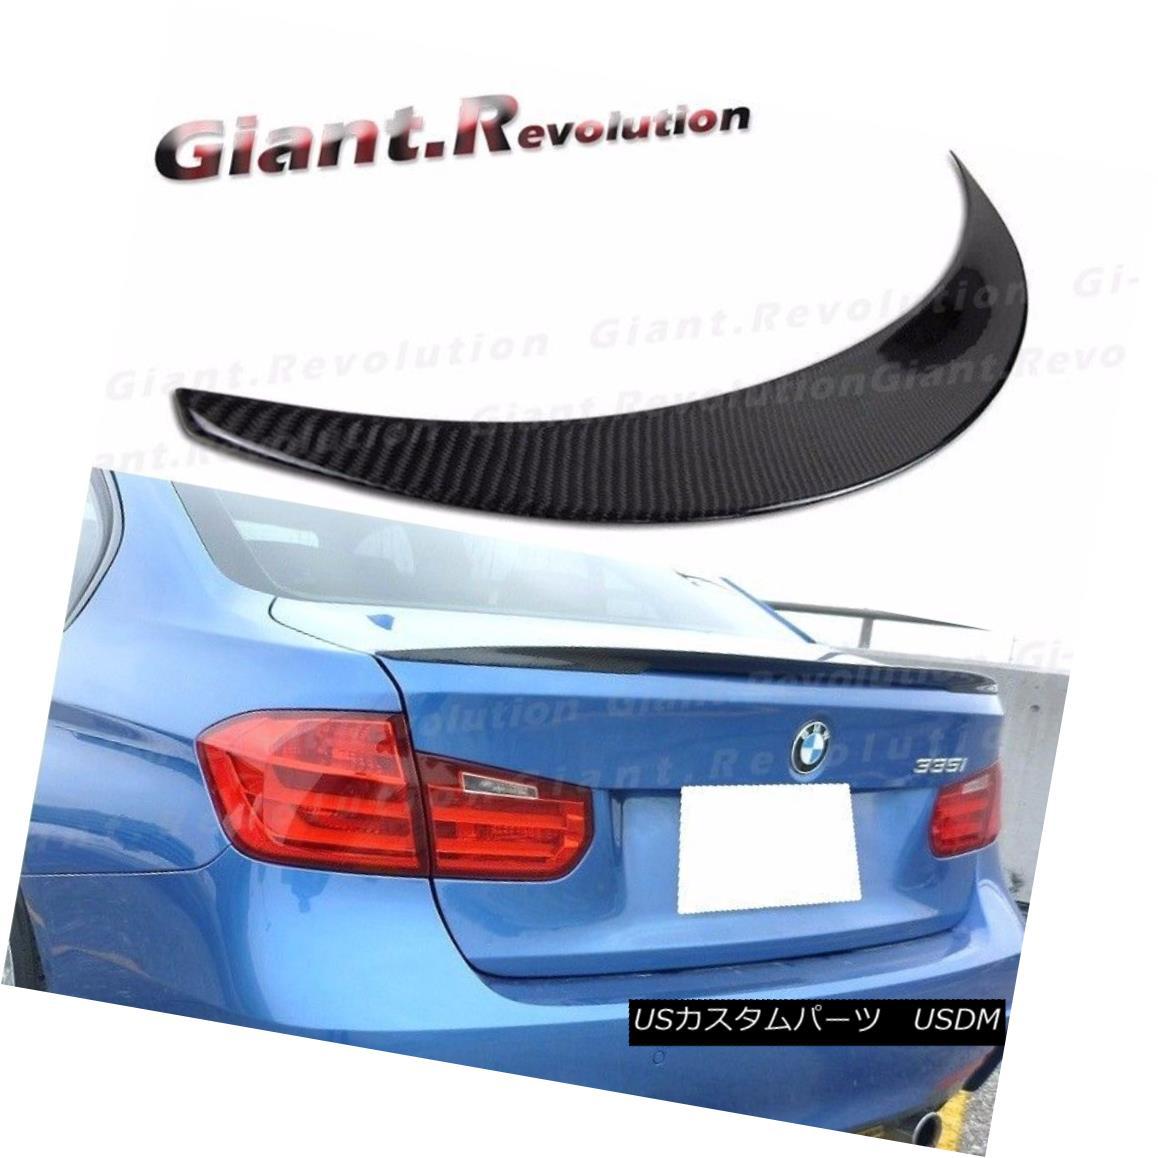 エアロパーツ Carbon Fiber P Type Rear Trunk Add on Spoiler For BMW 12-16 F30 328i 335i Sedan BMW 12-16 F30 328i 335iセダン用カーボンファイバーPタイプリアトランクアドオン